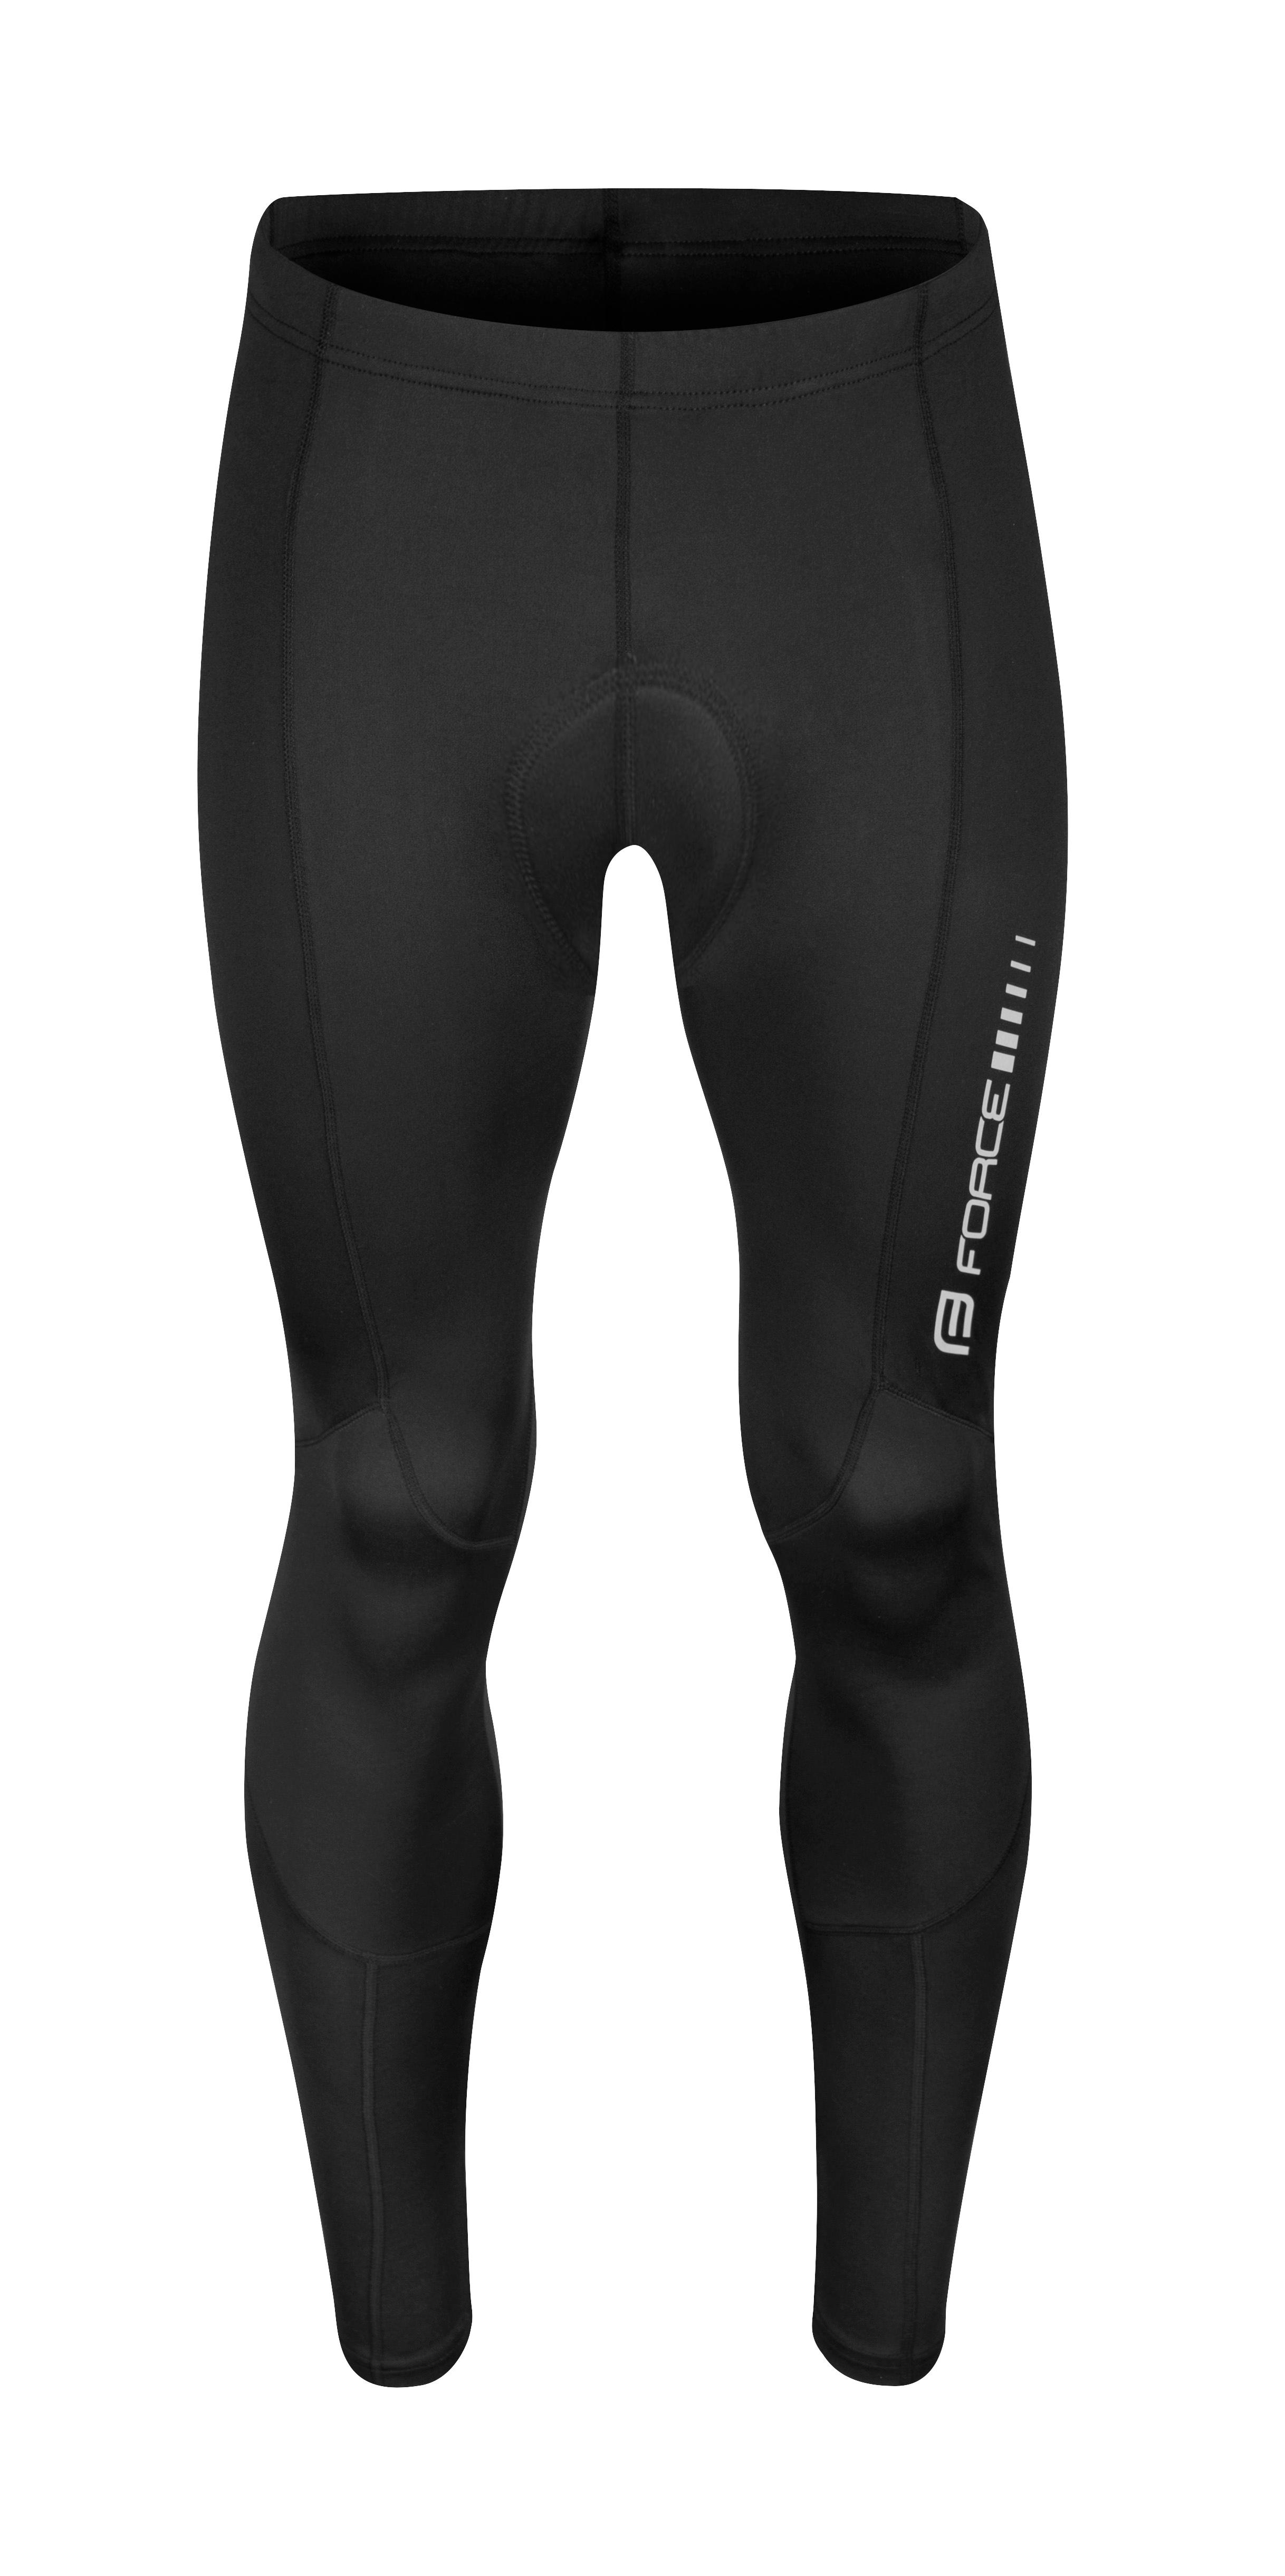 kalhoty FORCE Z68 do pasu s vložkou, černé M